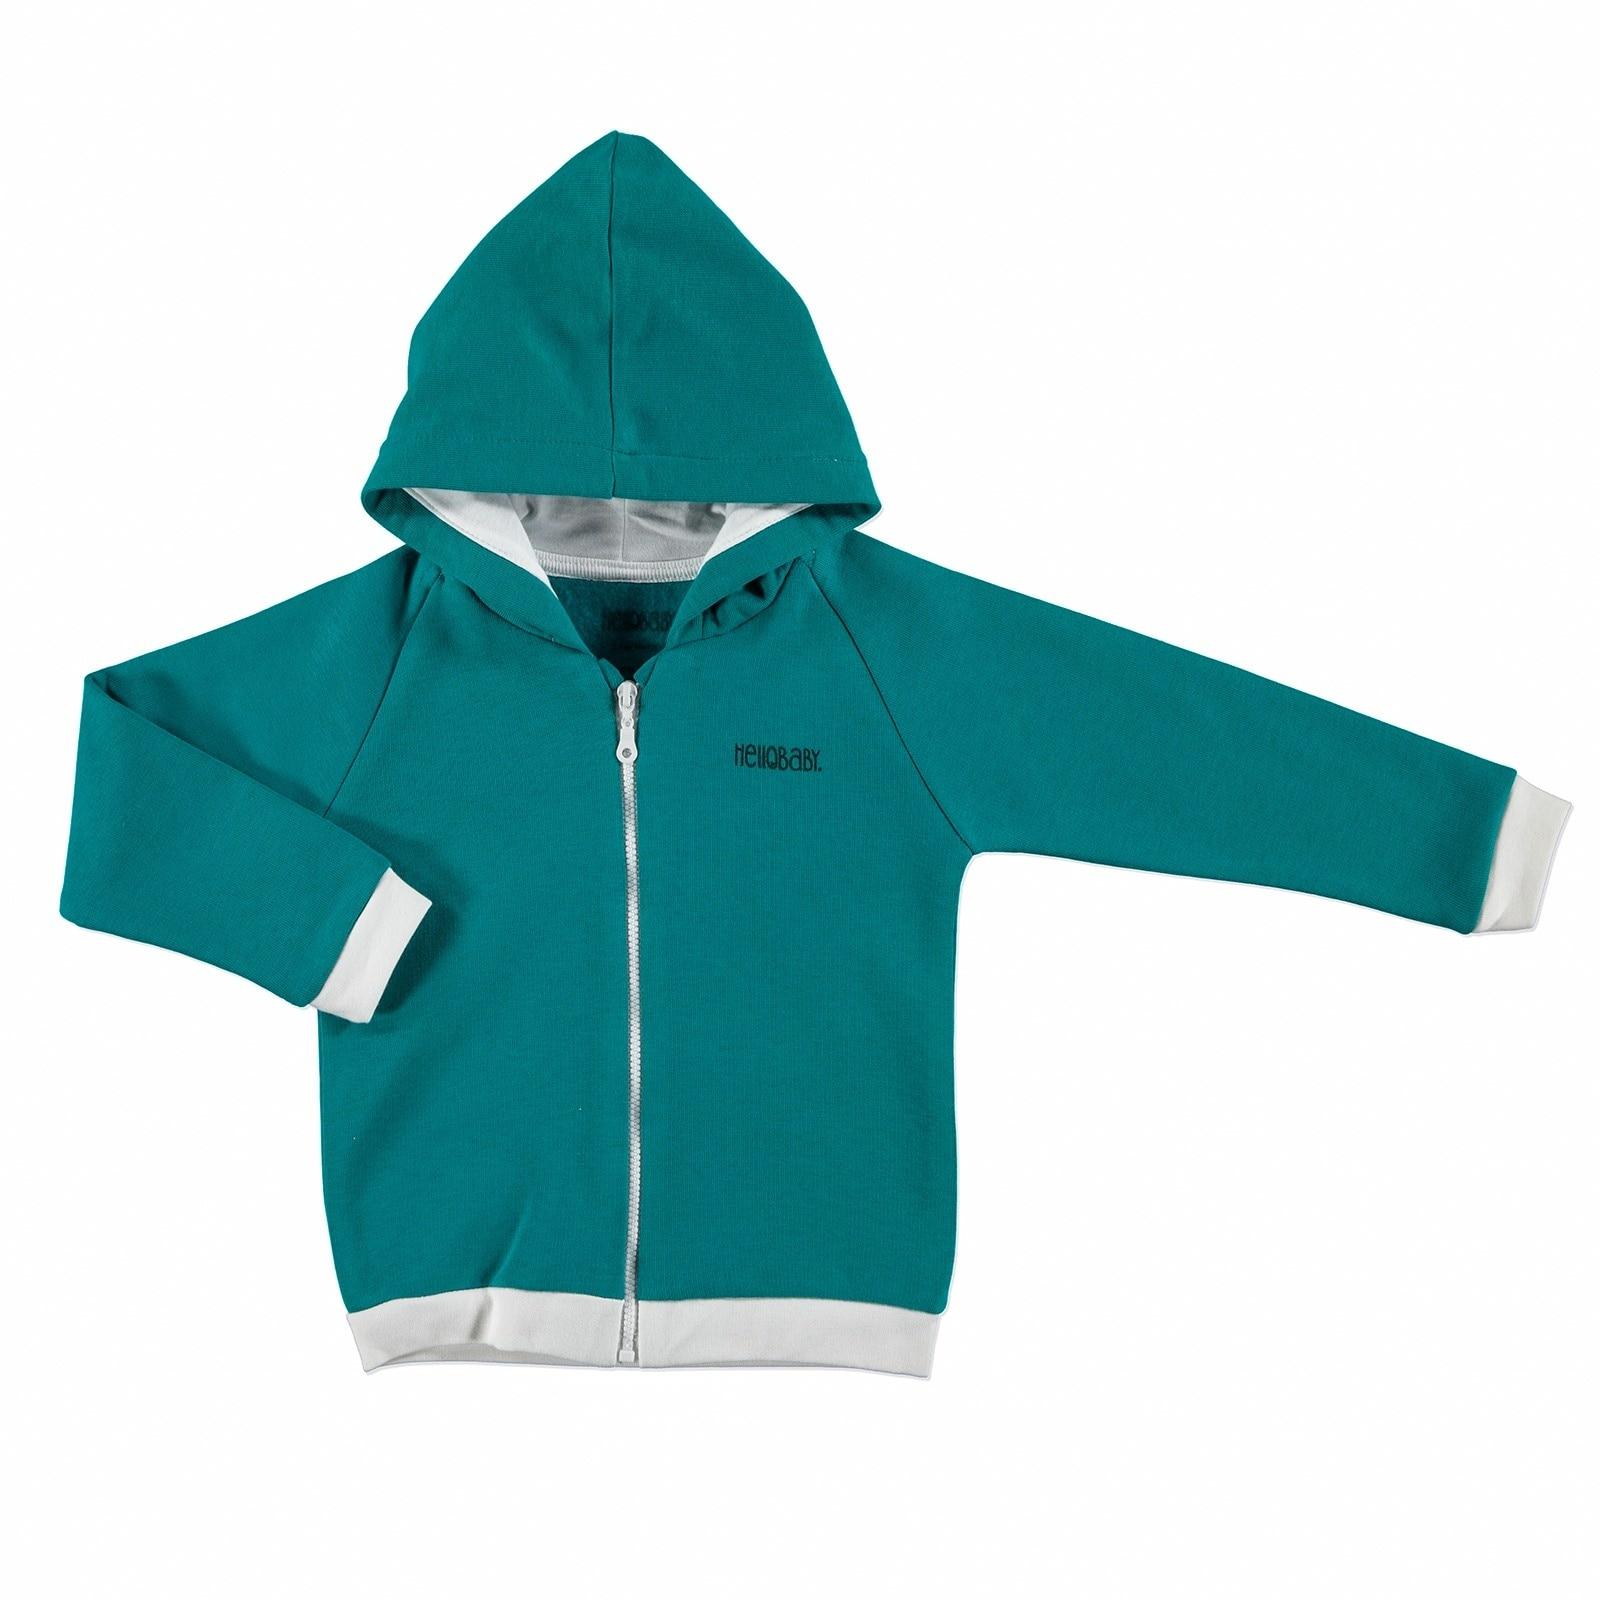 Ebebek HelloBaby Winter Printed Baby Long Sleeve Hoodie Cardigan